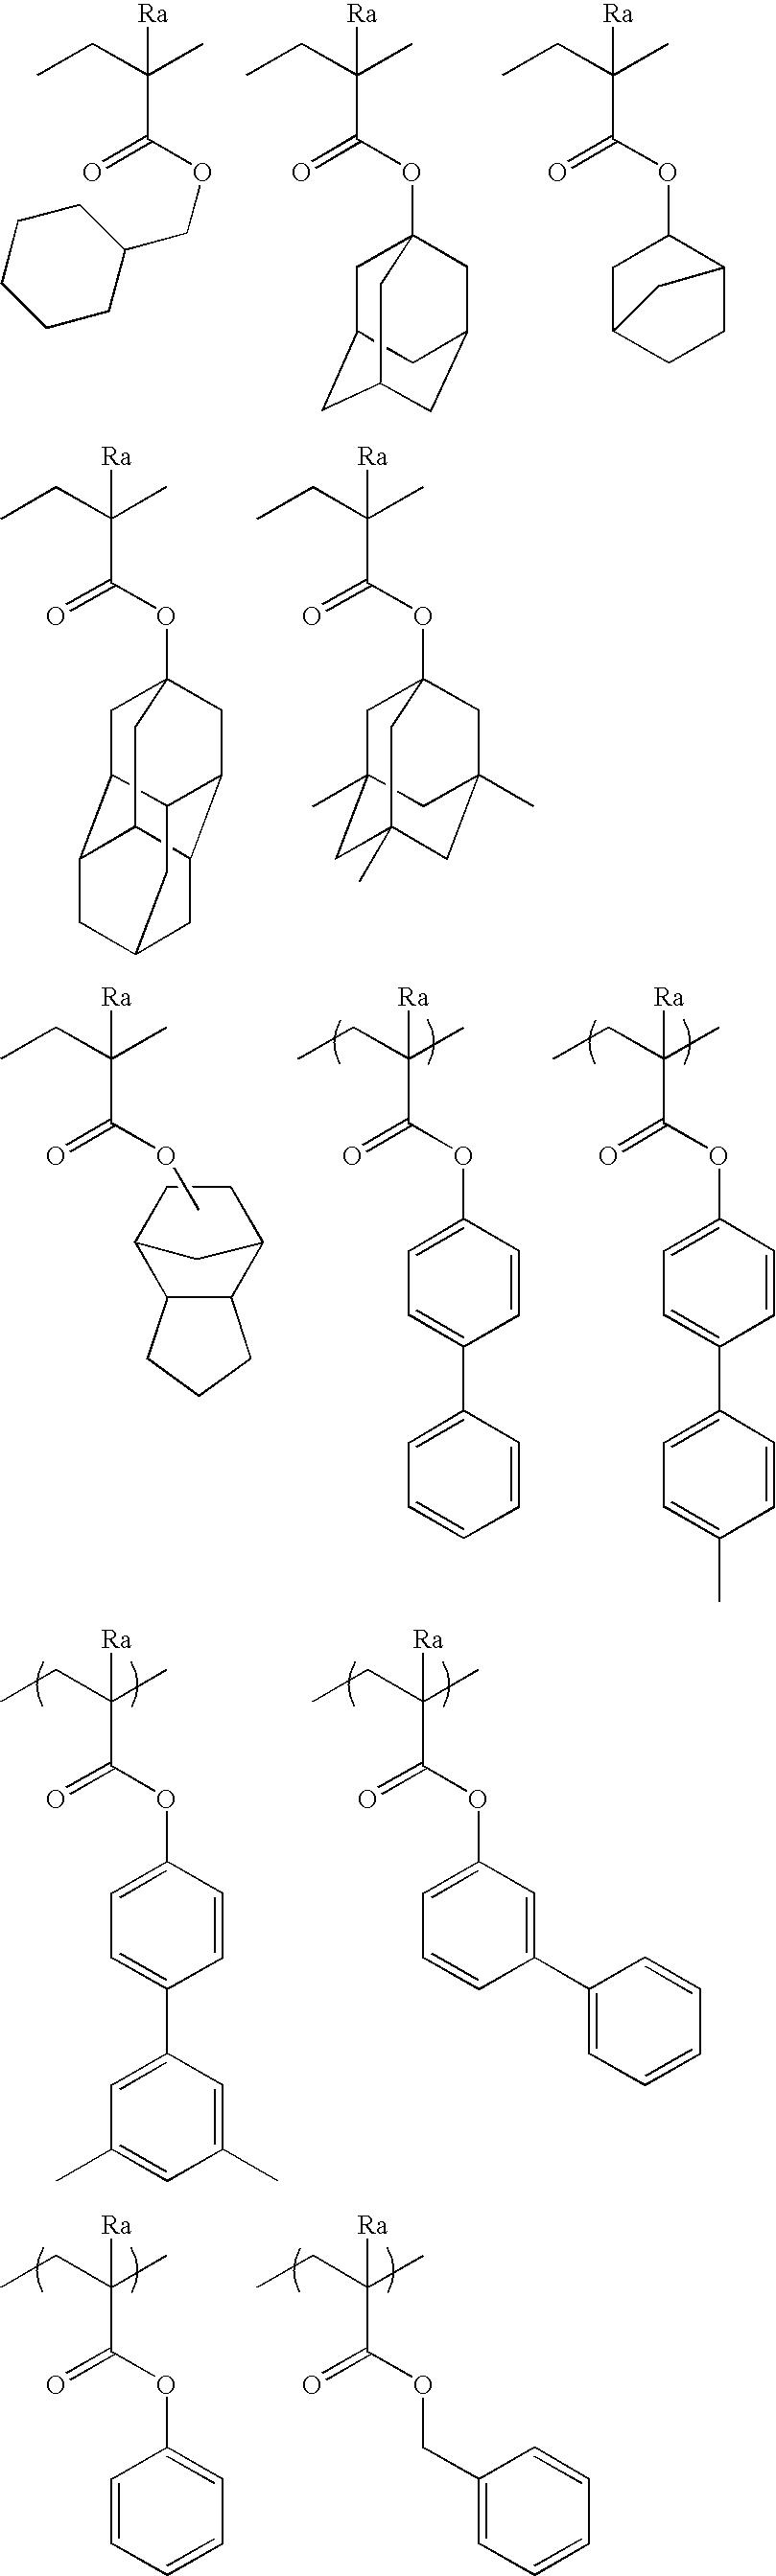 Figure US20100183975A1-20100722-C00144